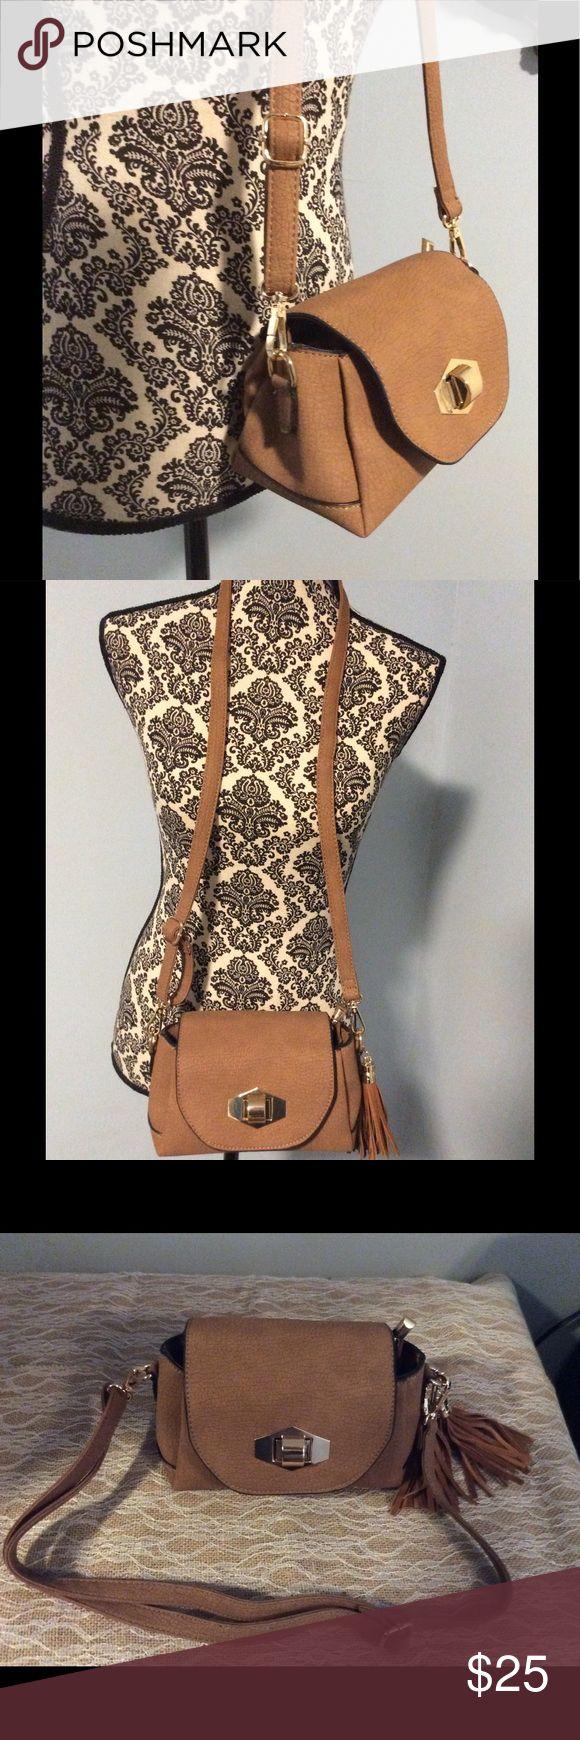 Camel shoulder bag Camel color shoulder bag with gold accents and a tassel on one side Bags Shoulder Bags